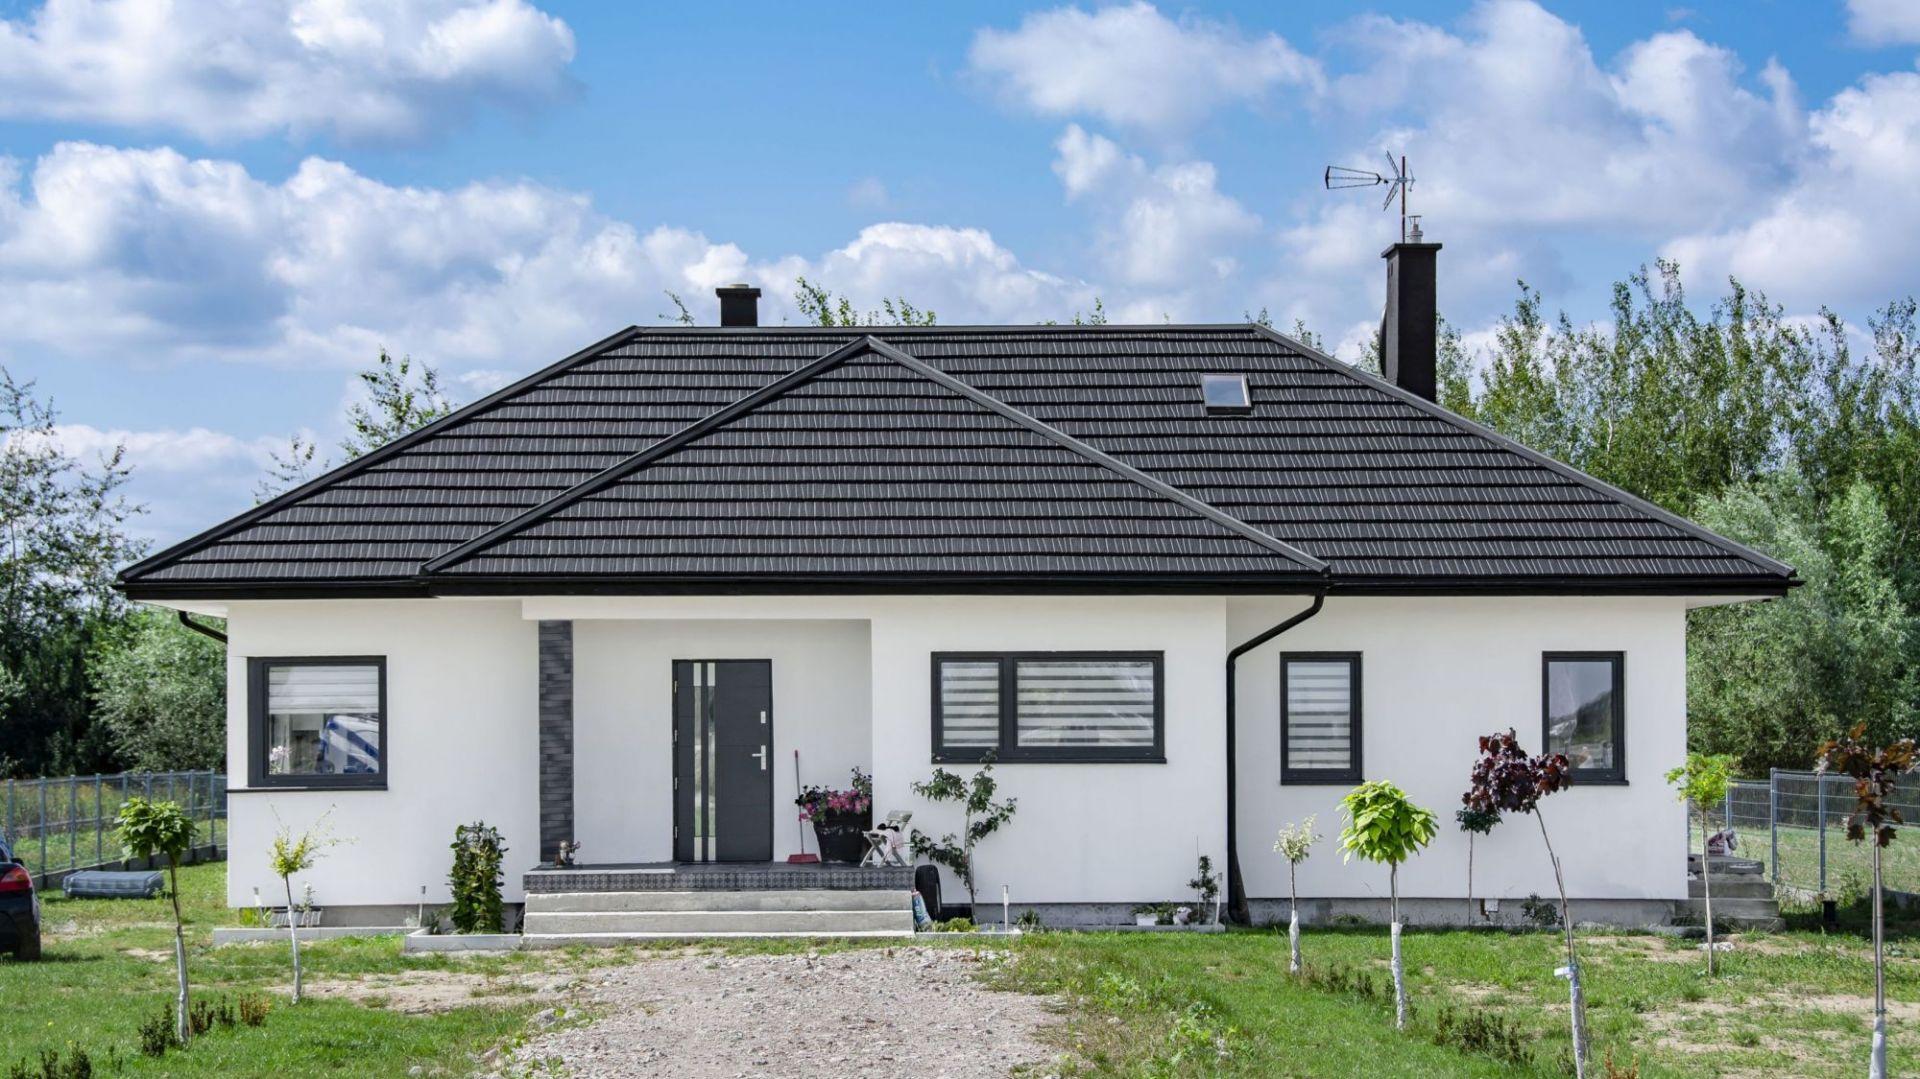 Nowoczesny dom z dachem stylizowanym na podhalański gont. Fot. Blachotrapez